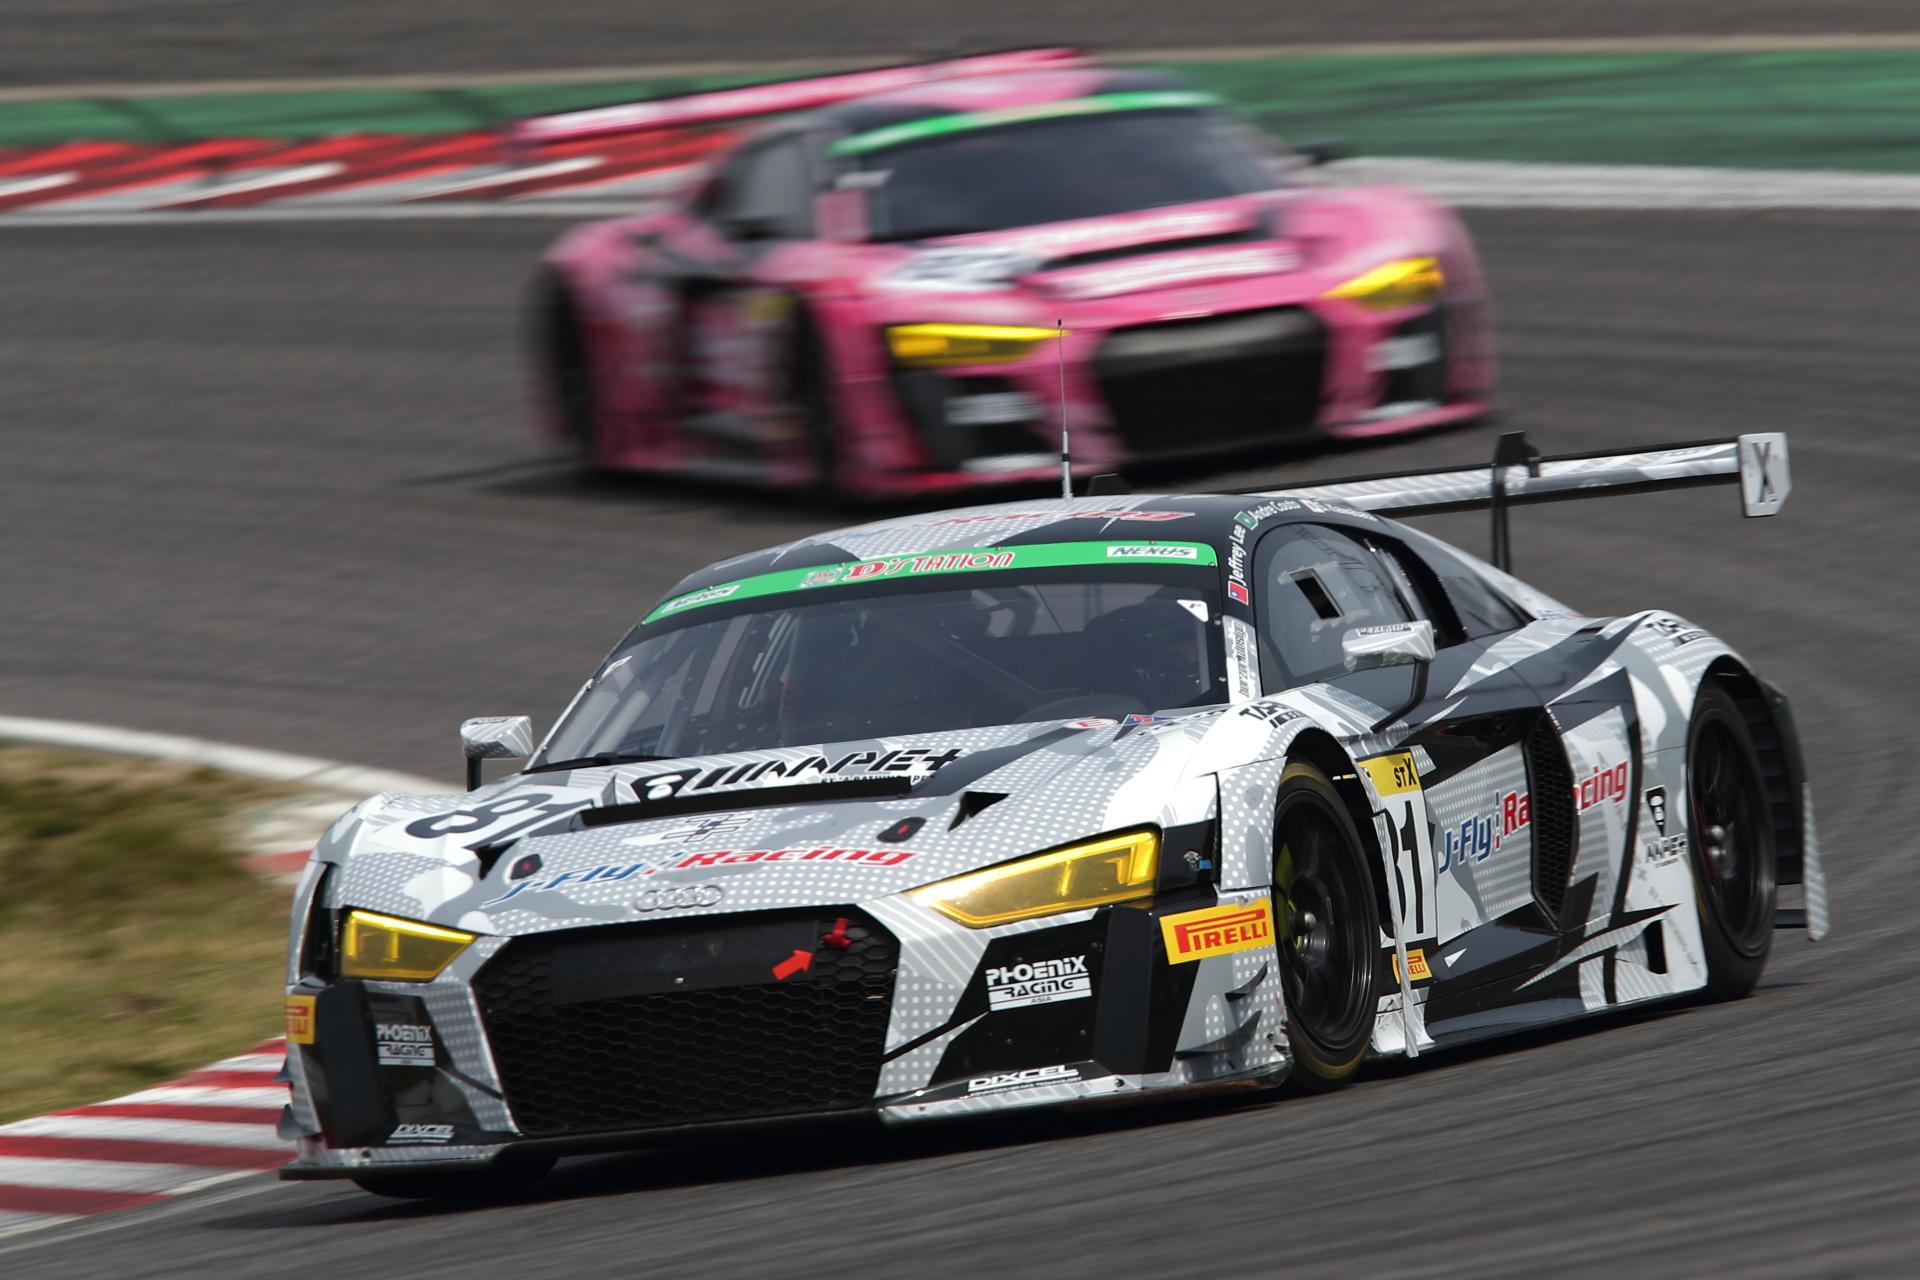 5位 No.81 J-Fly Racing R8(R8 LMS)Jeffrey Lee/Andre Couto/川端伸太朗